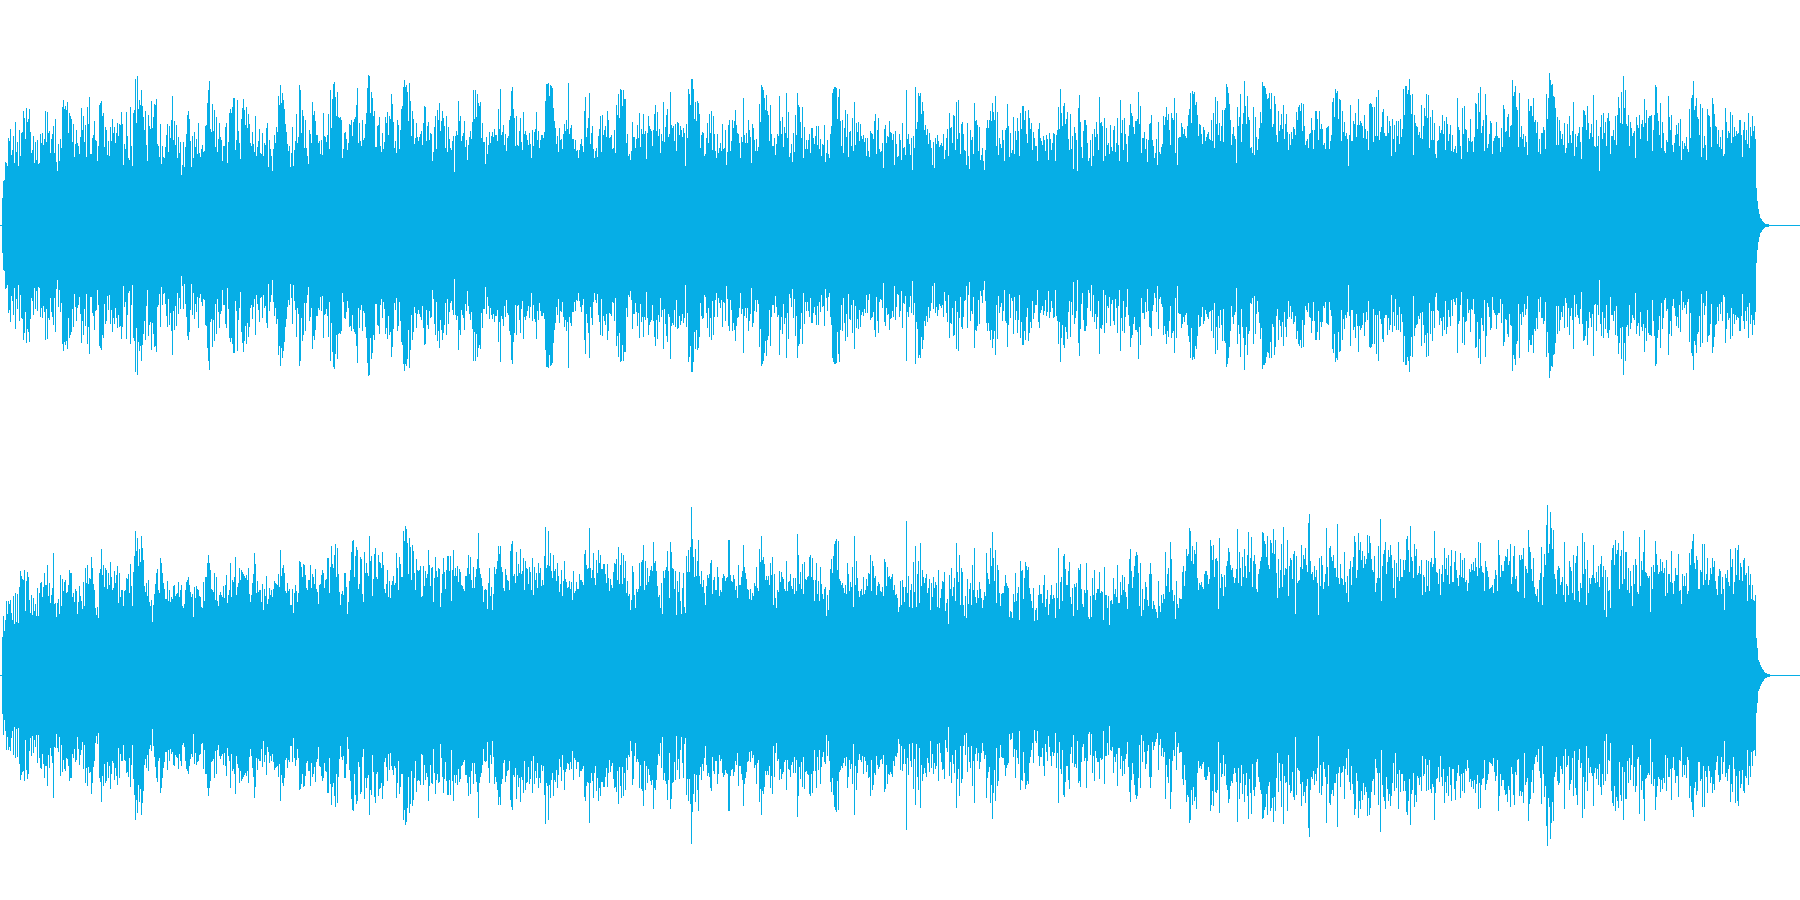 宇宙の無限さを伝えるマイナー・サイエンスの再生済みの波形